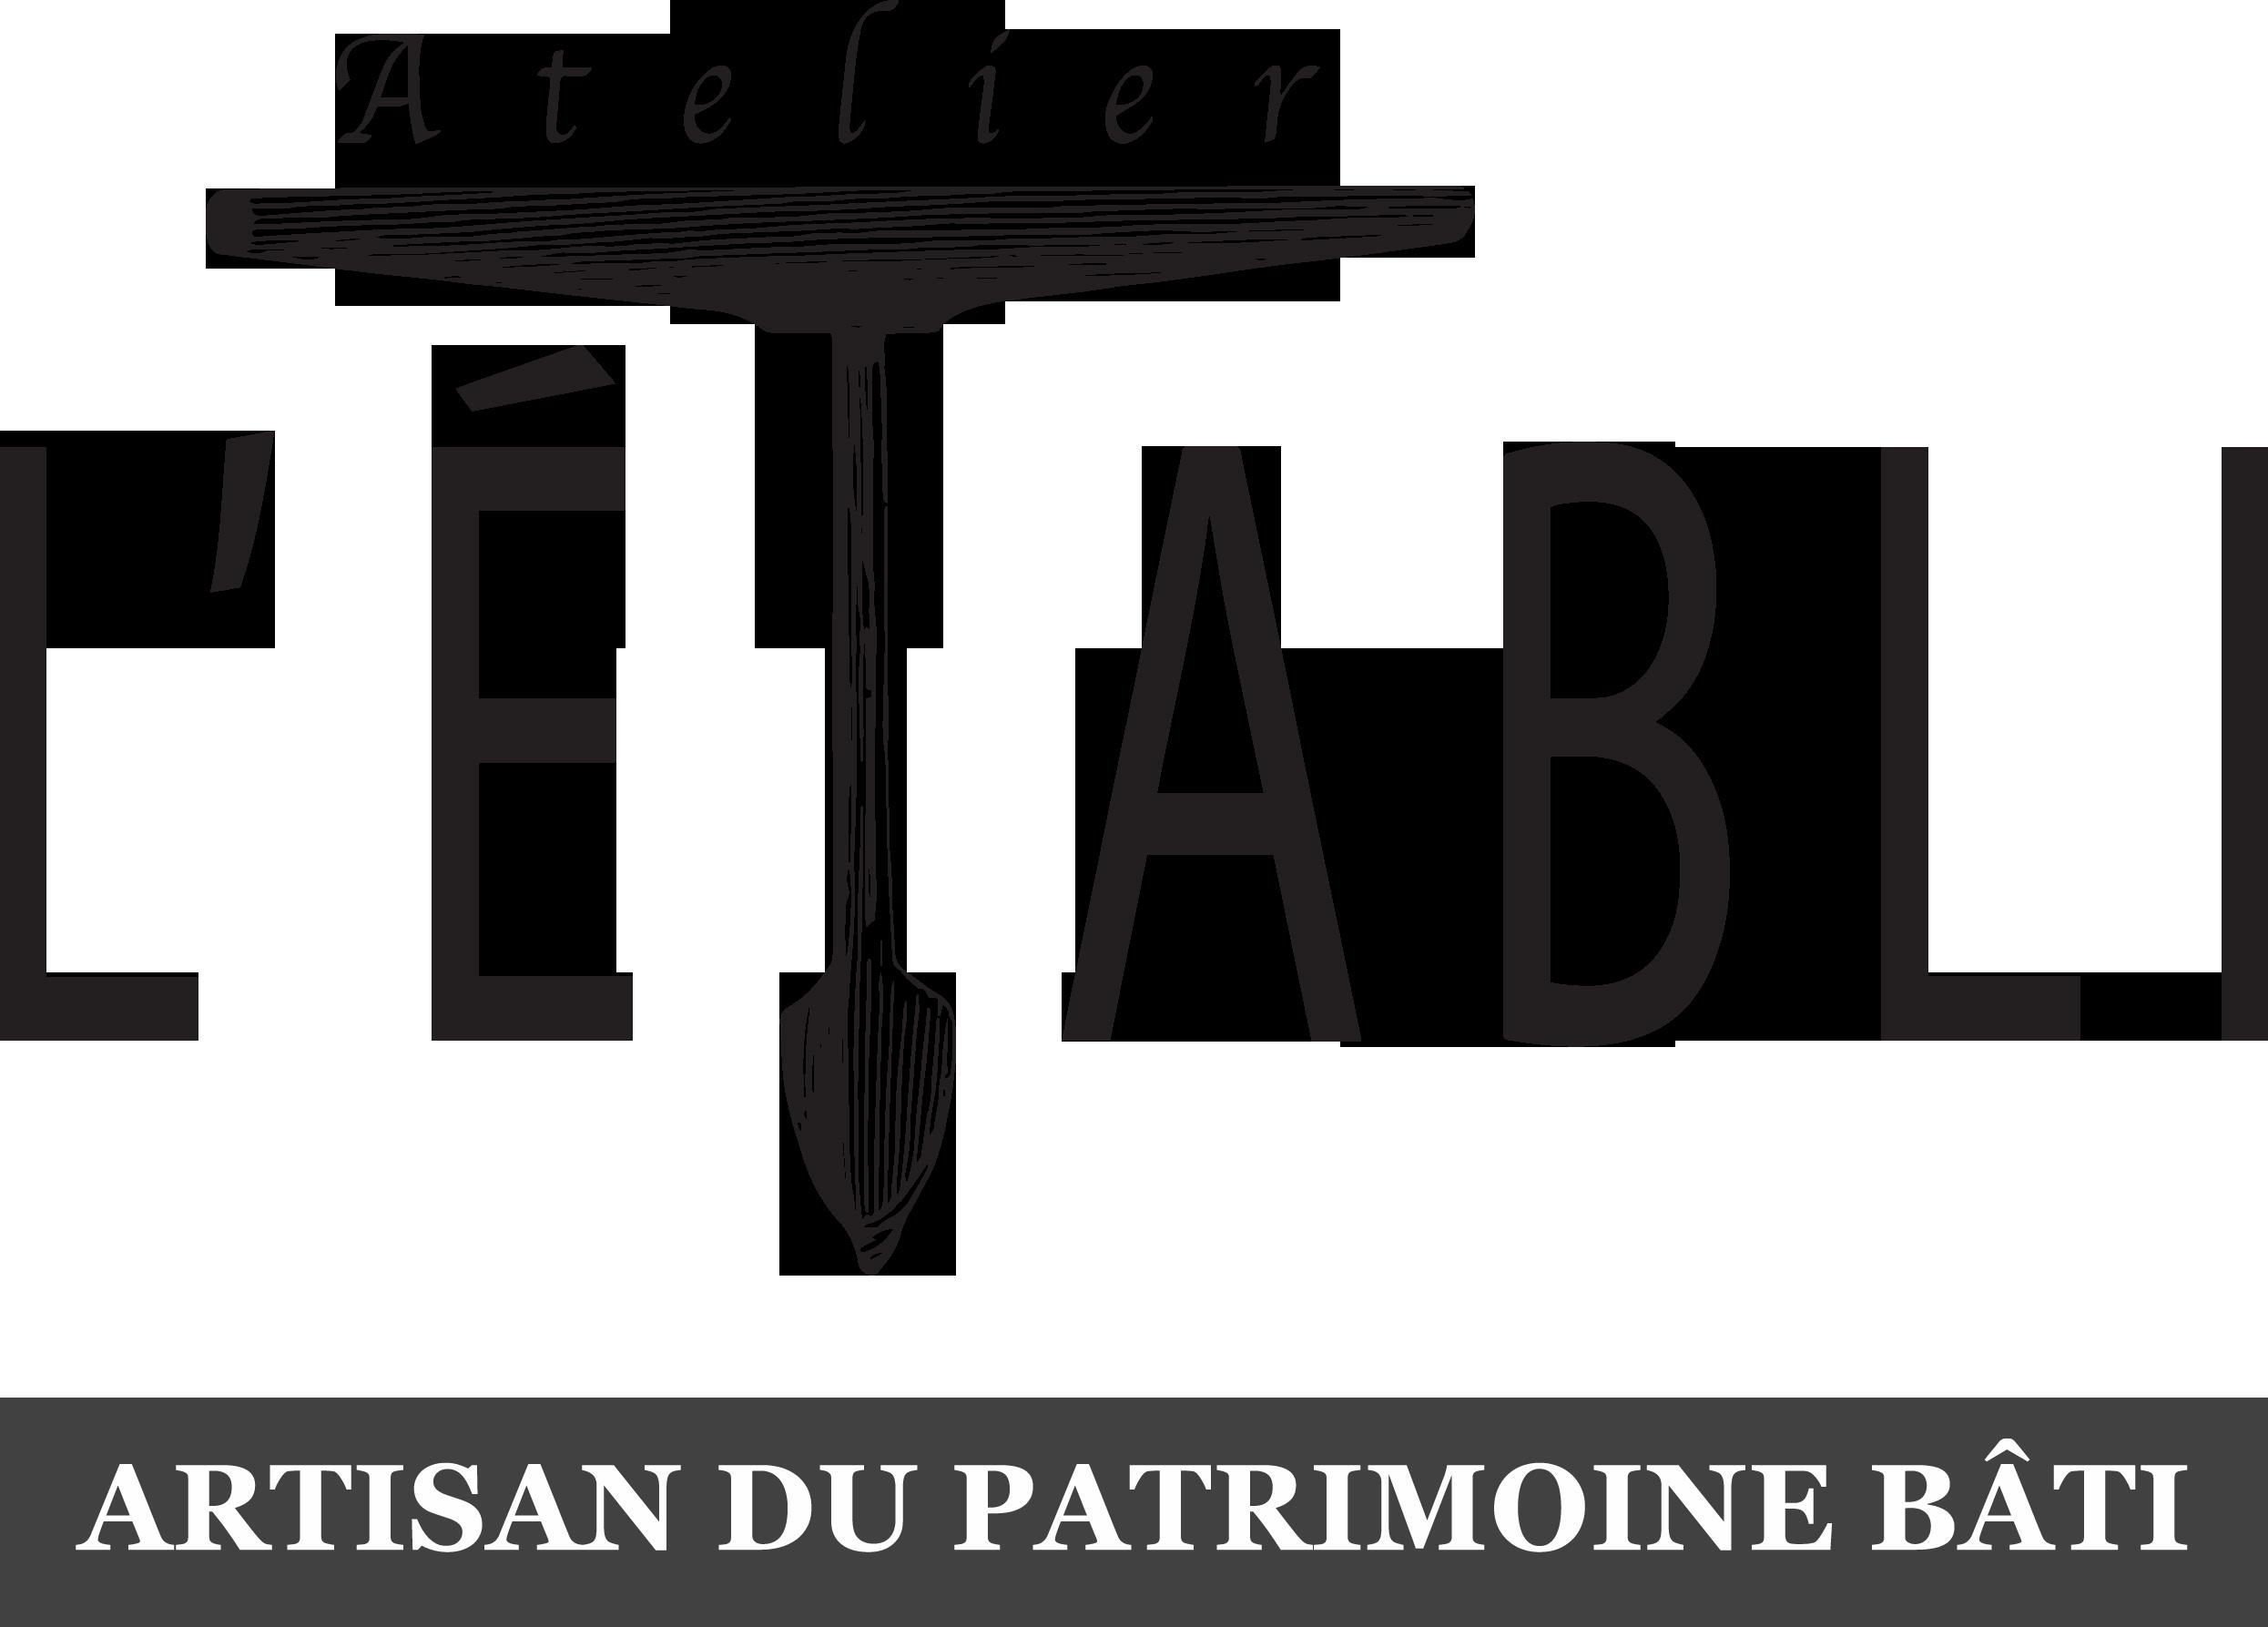 logo-vecto avec artisan patrimoine bati-2